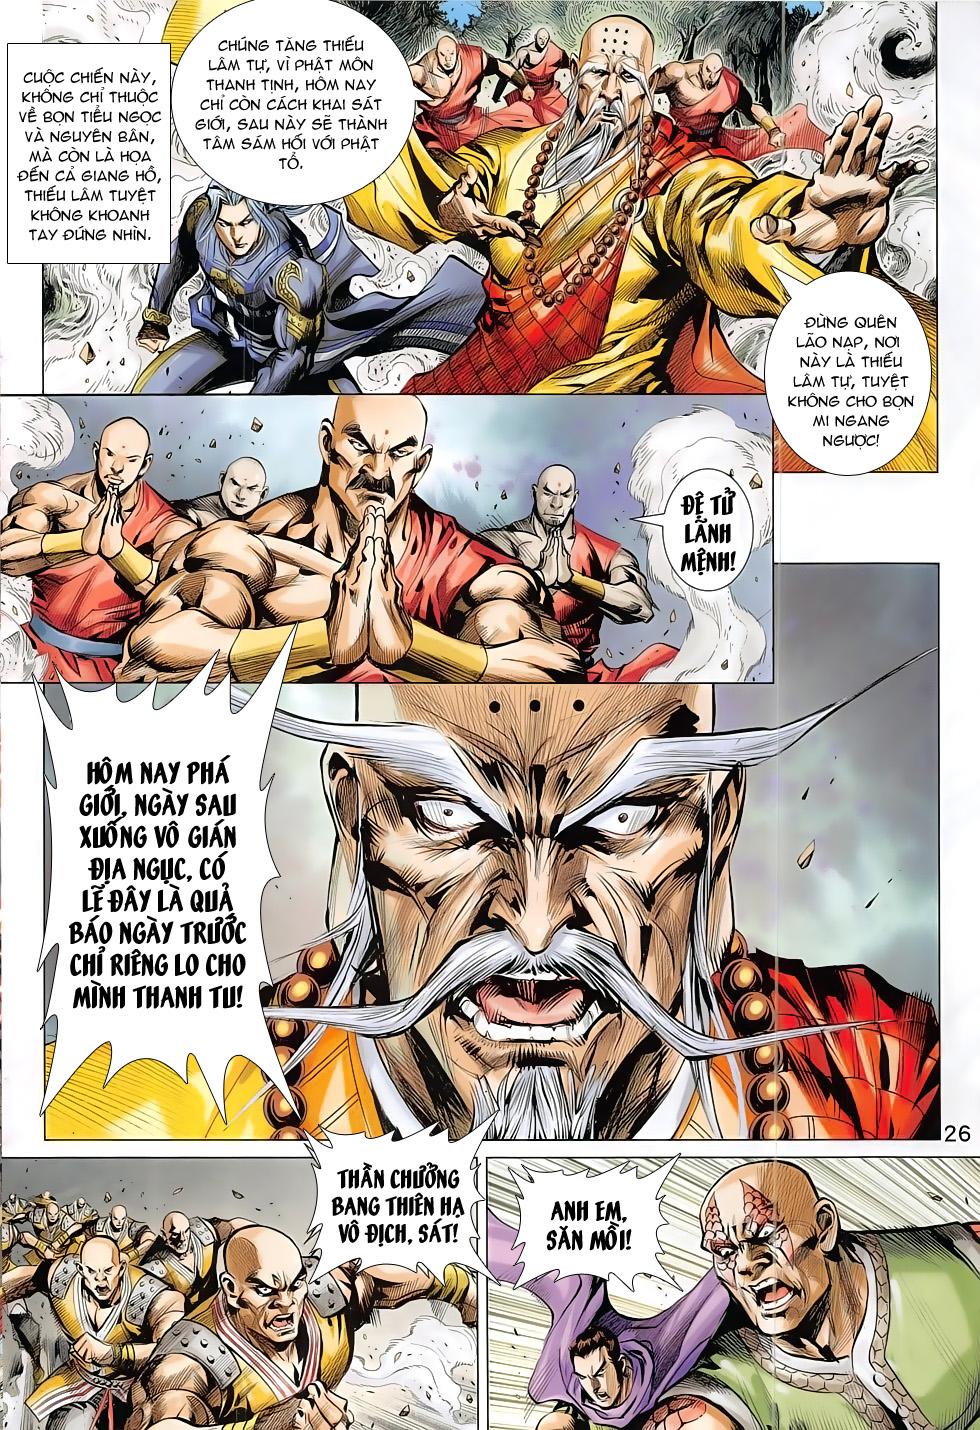 Thần Chưởng trang 26